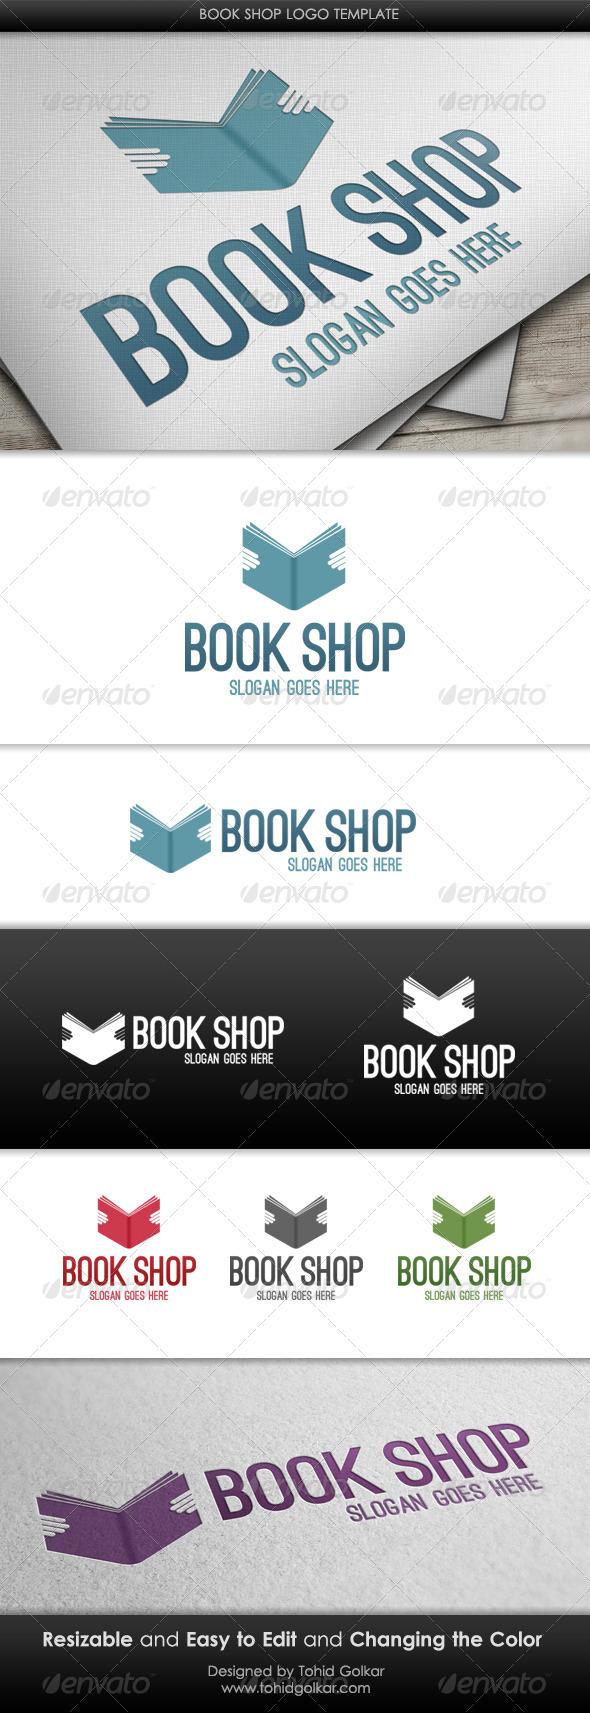 Book Shop Logo Template